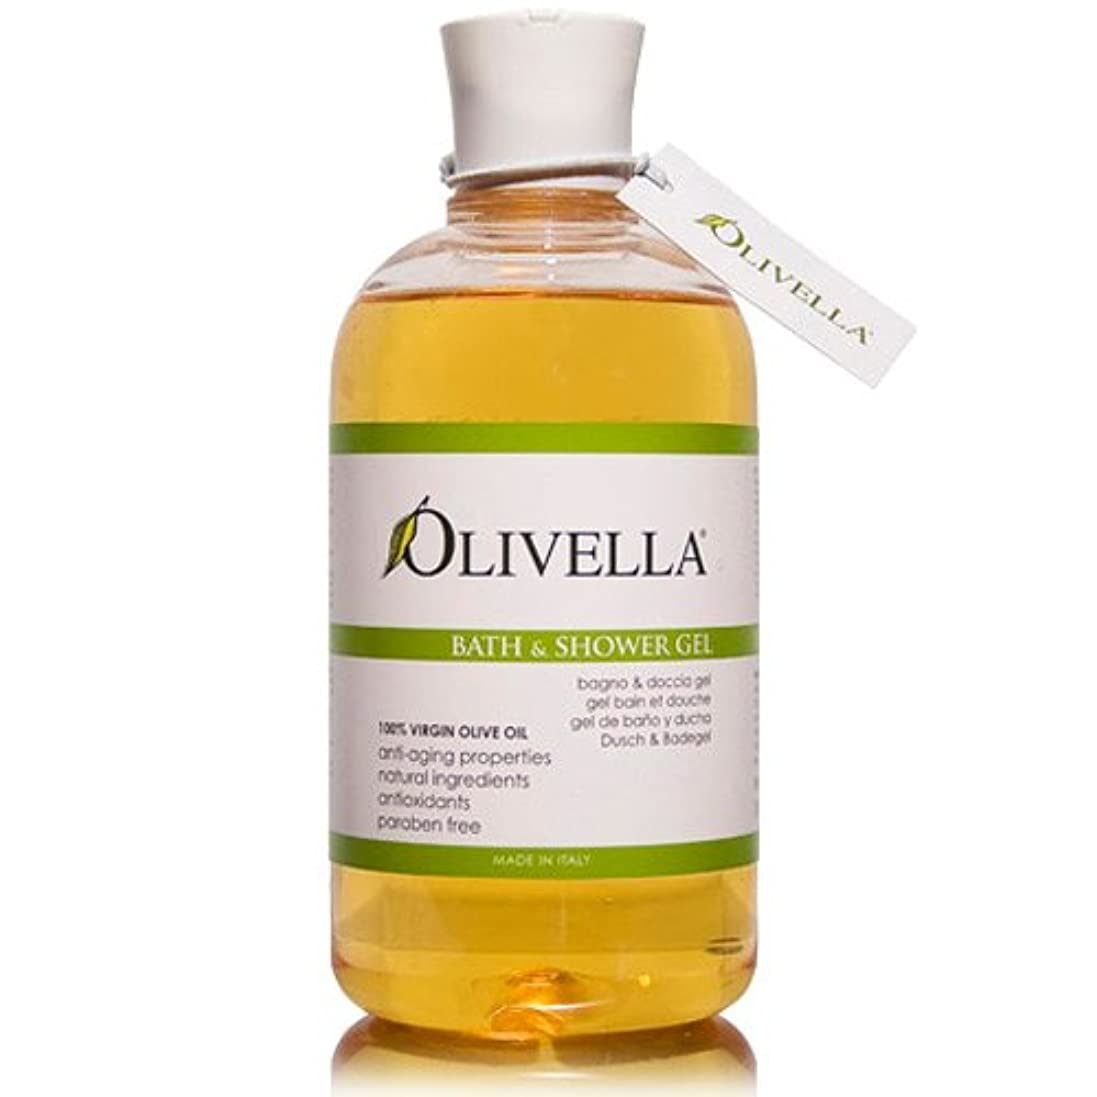 テント近代化する役員Olivella Olive Oil Bath & Shower Gel Original/Classic 16.9 oz. / 500 ml (並行輸入品)